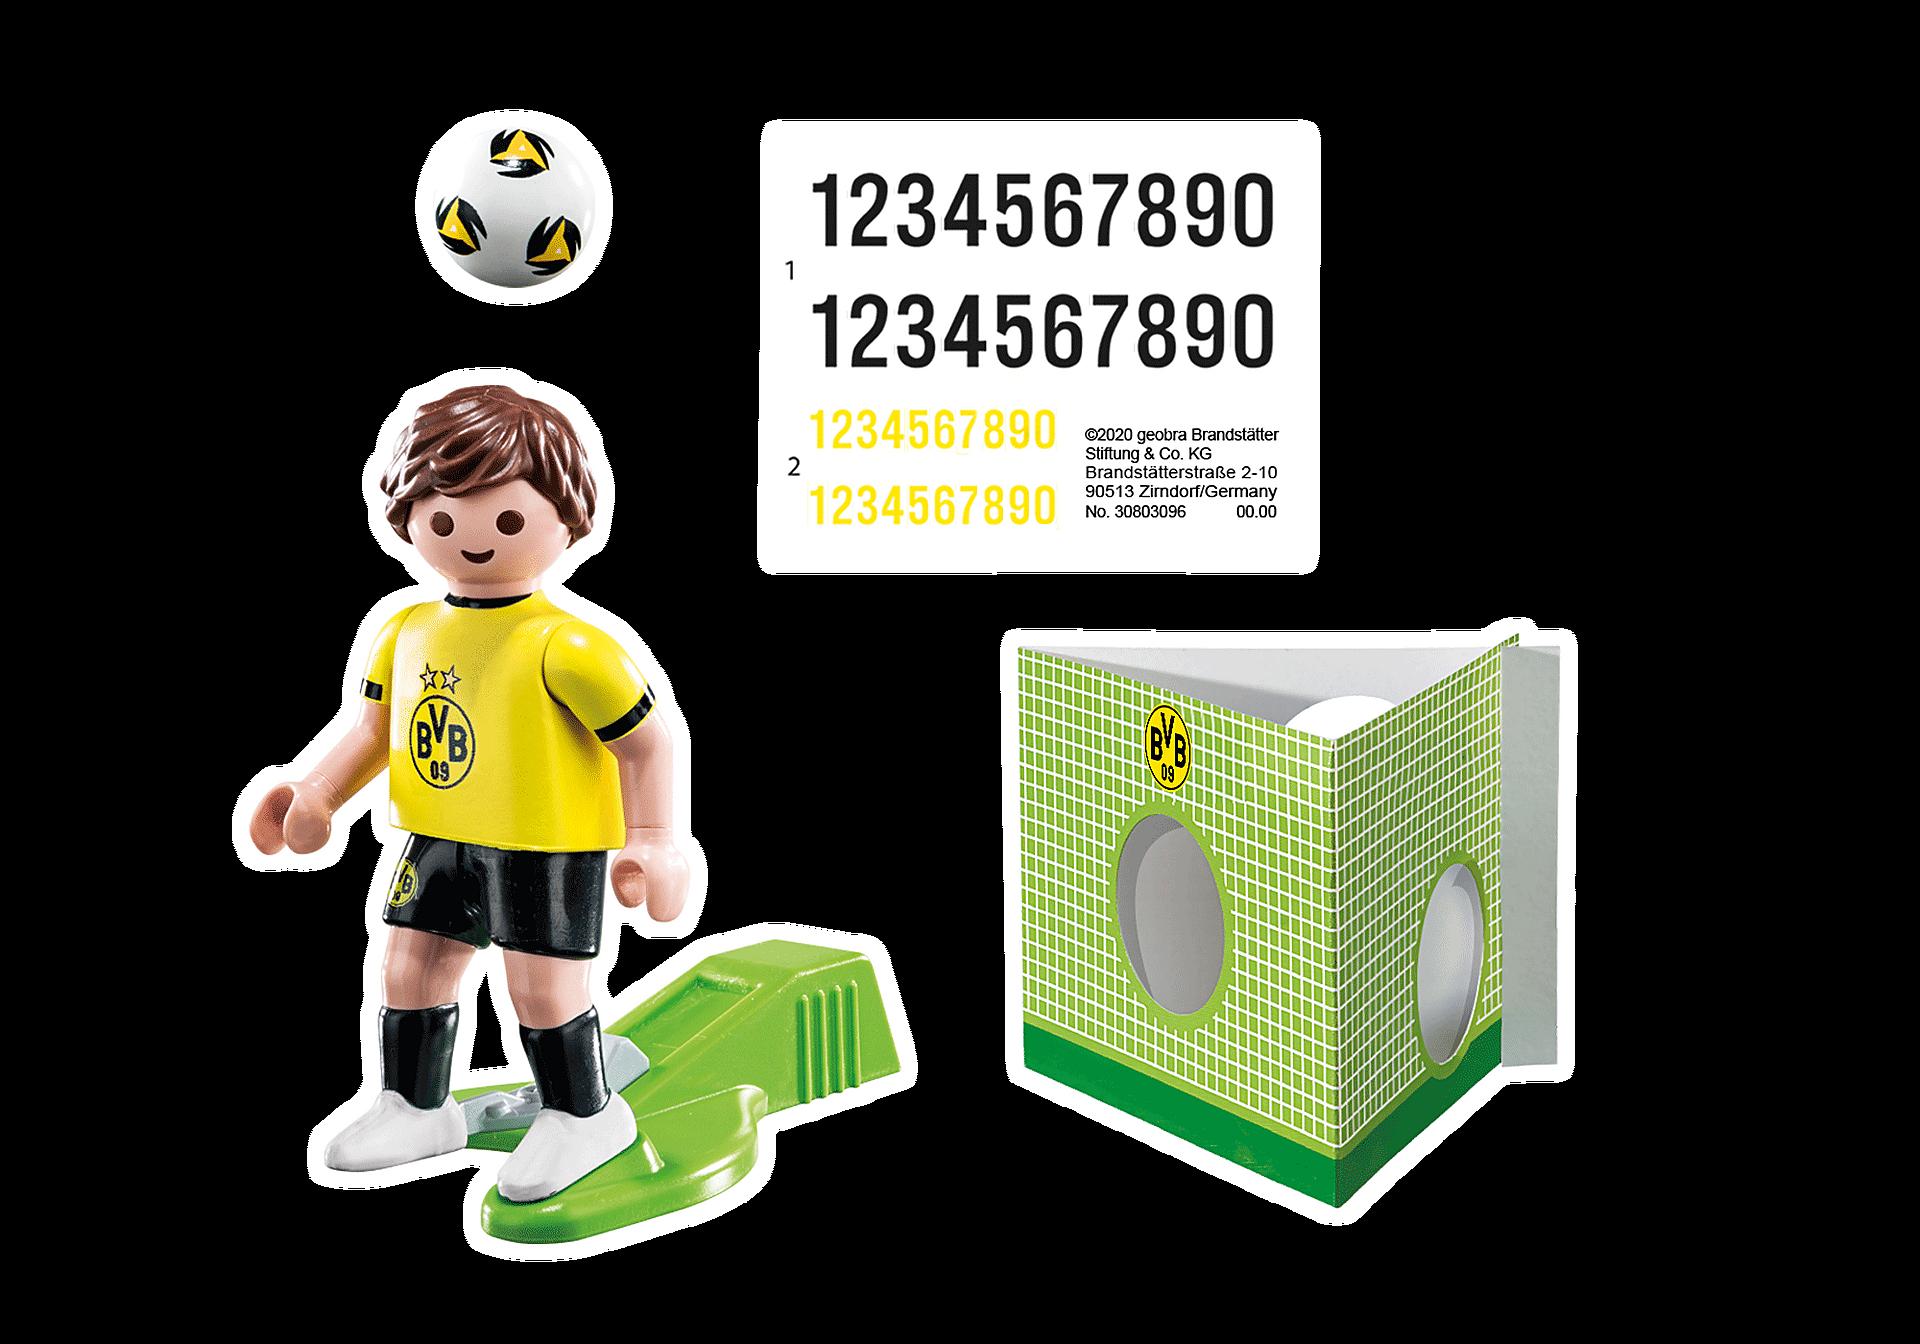 70545 Promo BVB jugador de fútbol zoom image3